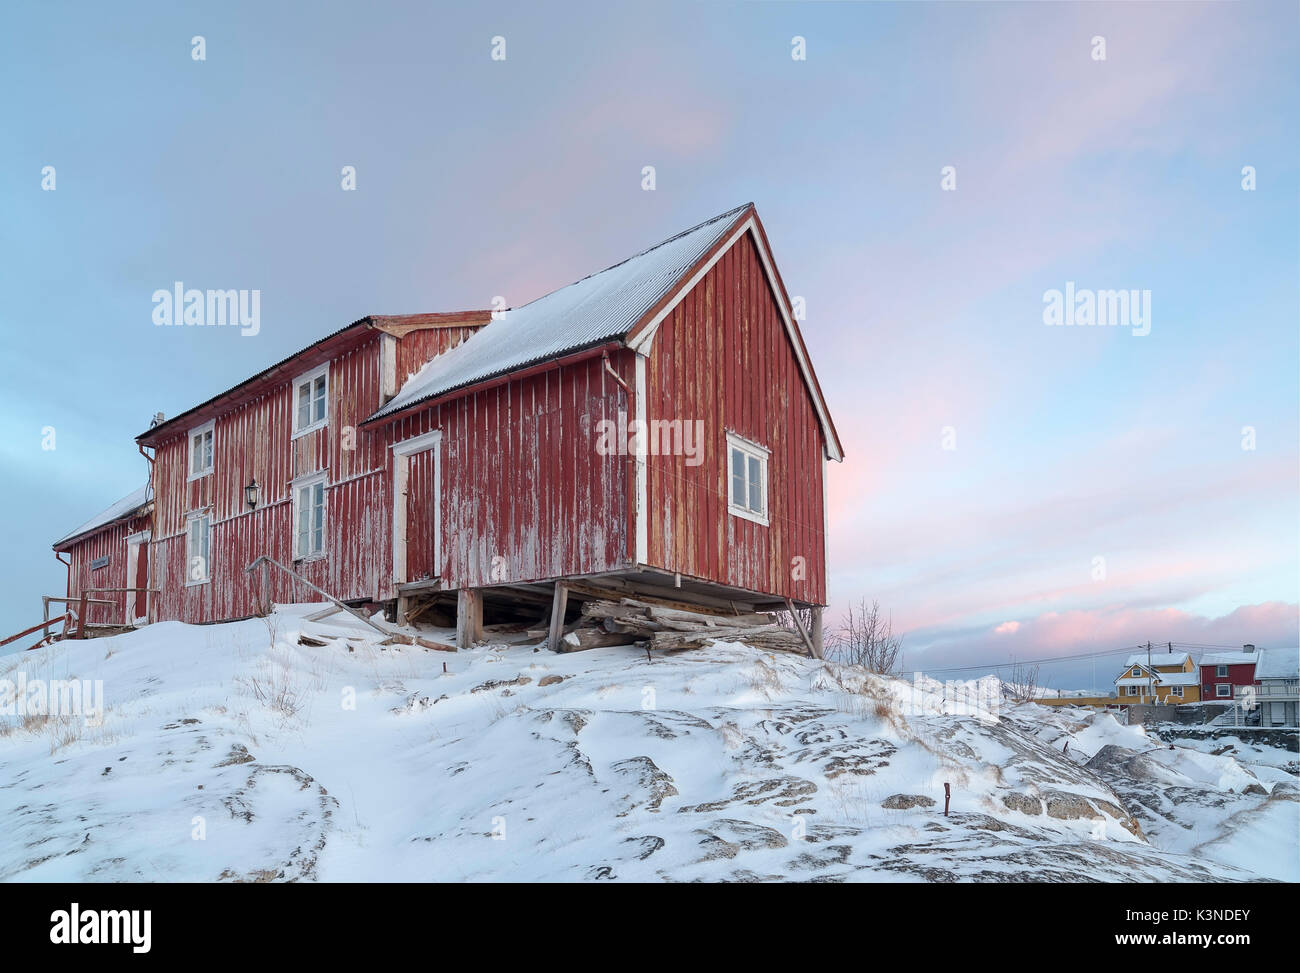 Accueil norvégien typique avec ciel coloré sur l'historique, les îles Lofoten, Norvège Photo Stock